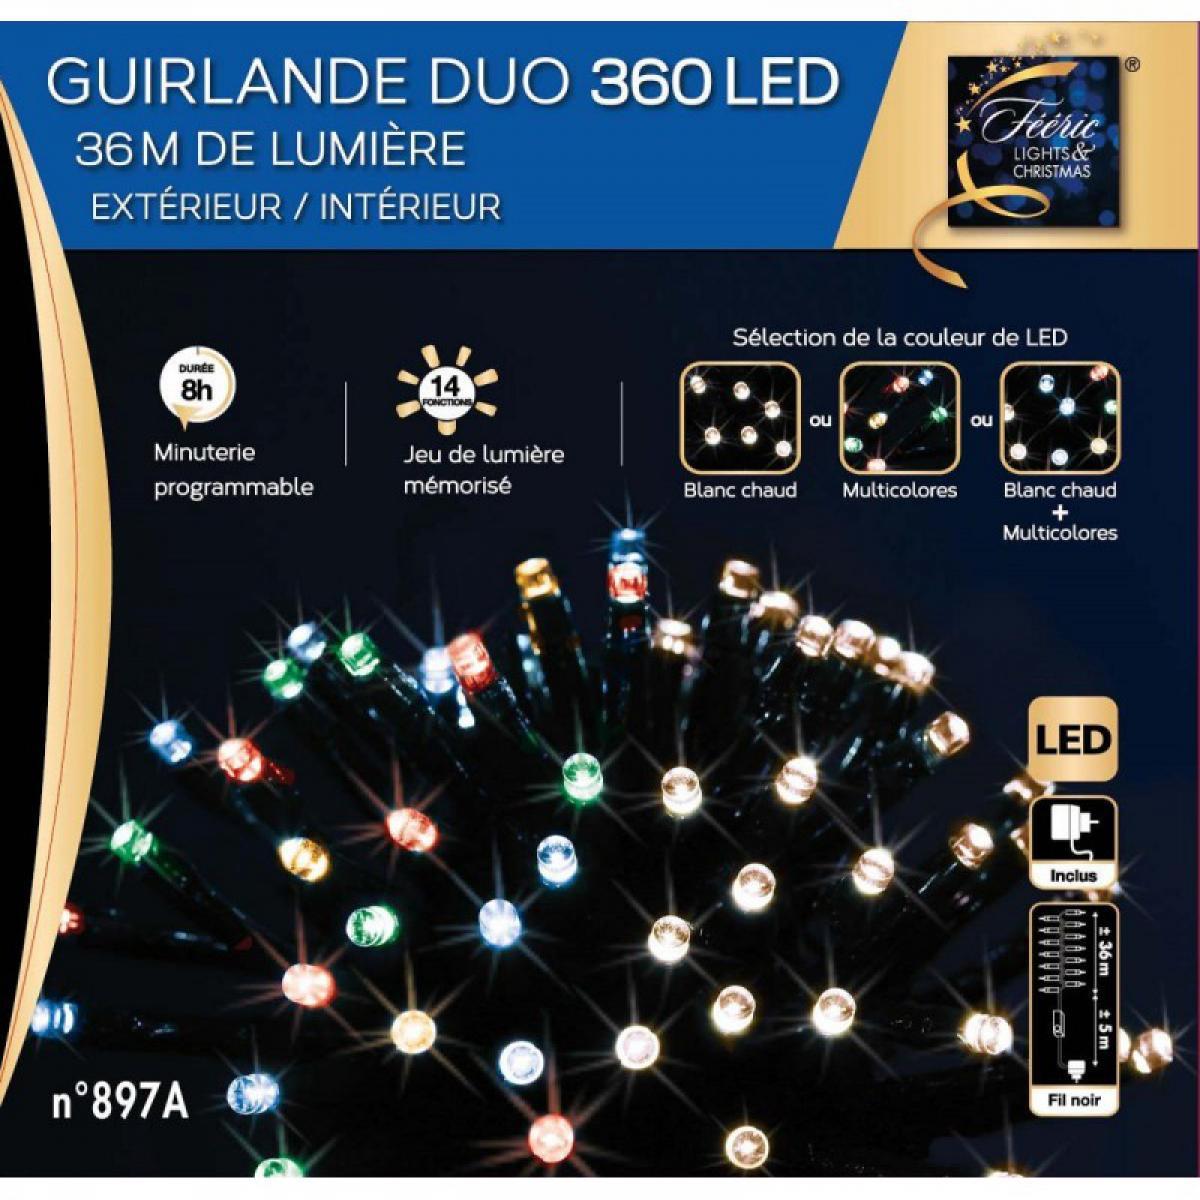 Jardideco Guirlande de Noël extérieur Duo LED 36 m Multicolore / Blanc chaud